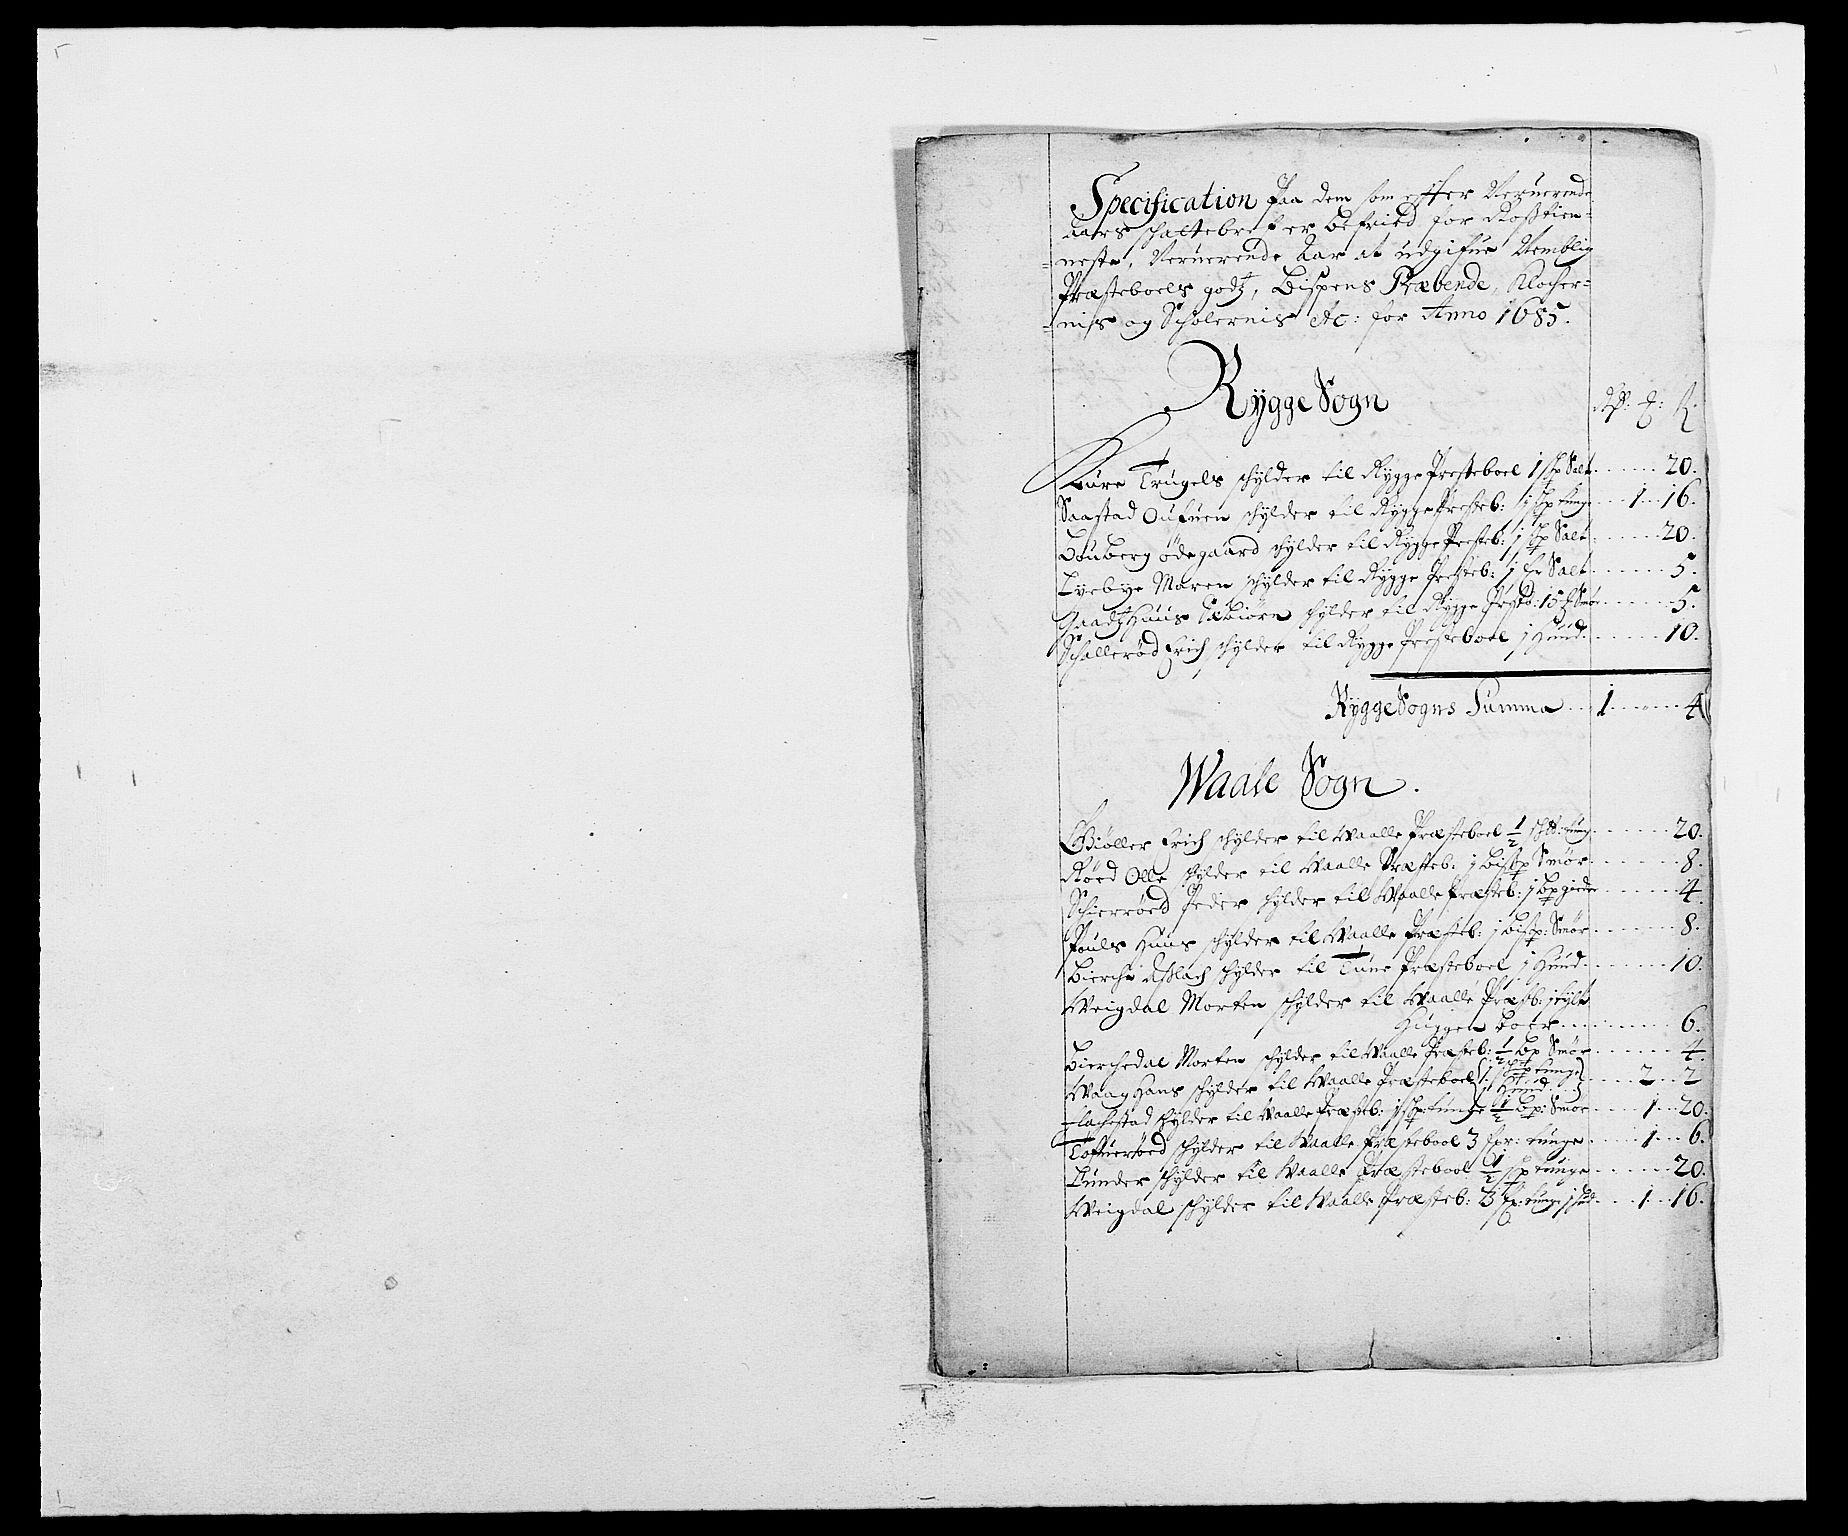 RA, Rentekammeret inntil 1814, Reviderte regnskaper, Fogderegnskap, R02/L0105: Fogderegnskap Moss og Verne kloster, 1685-1687, s. 112